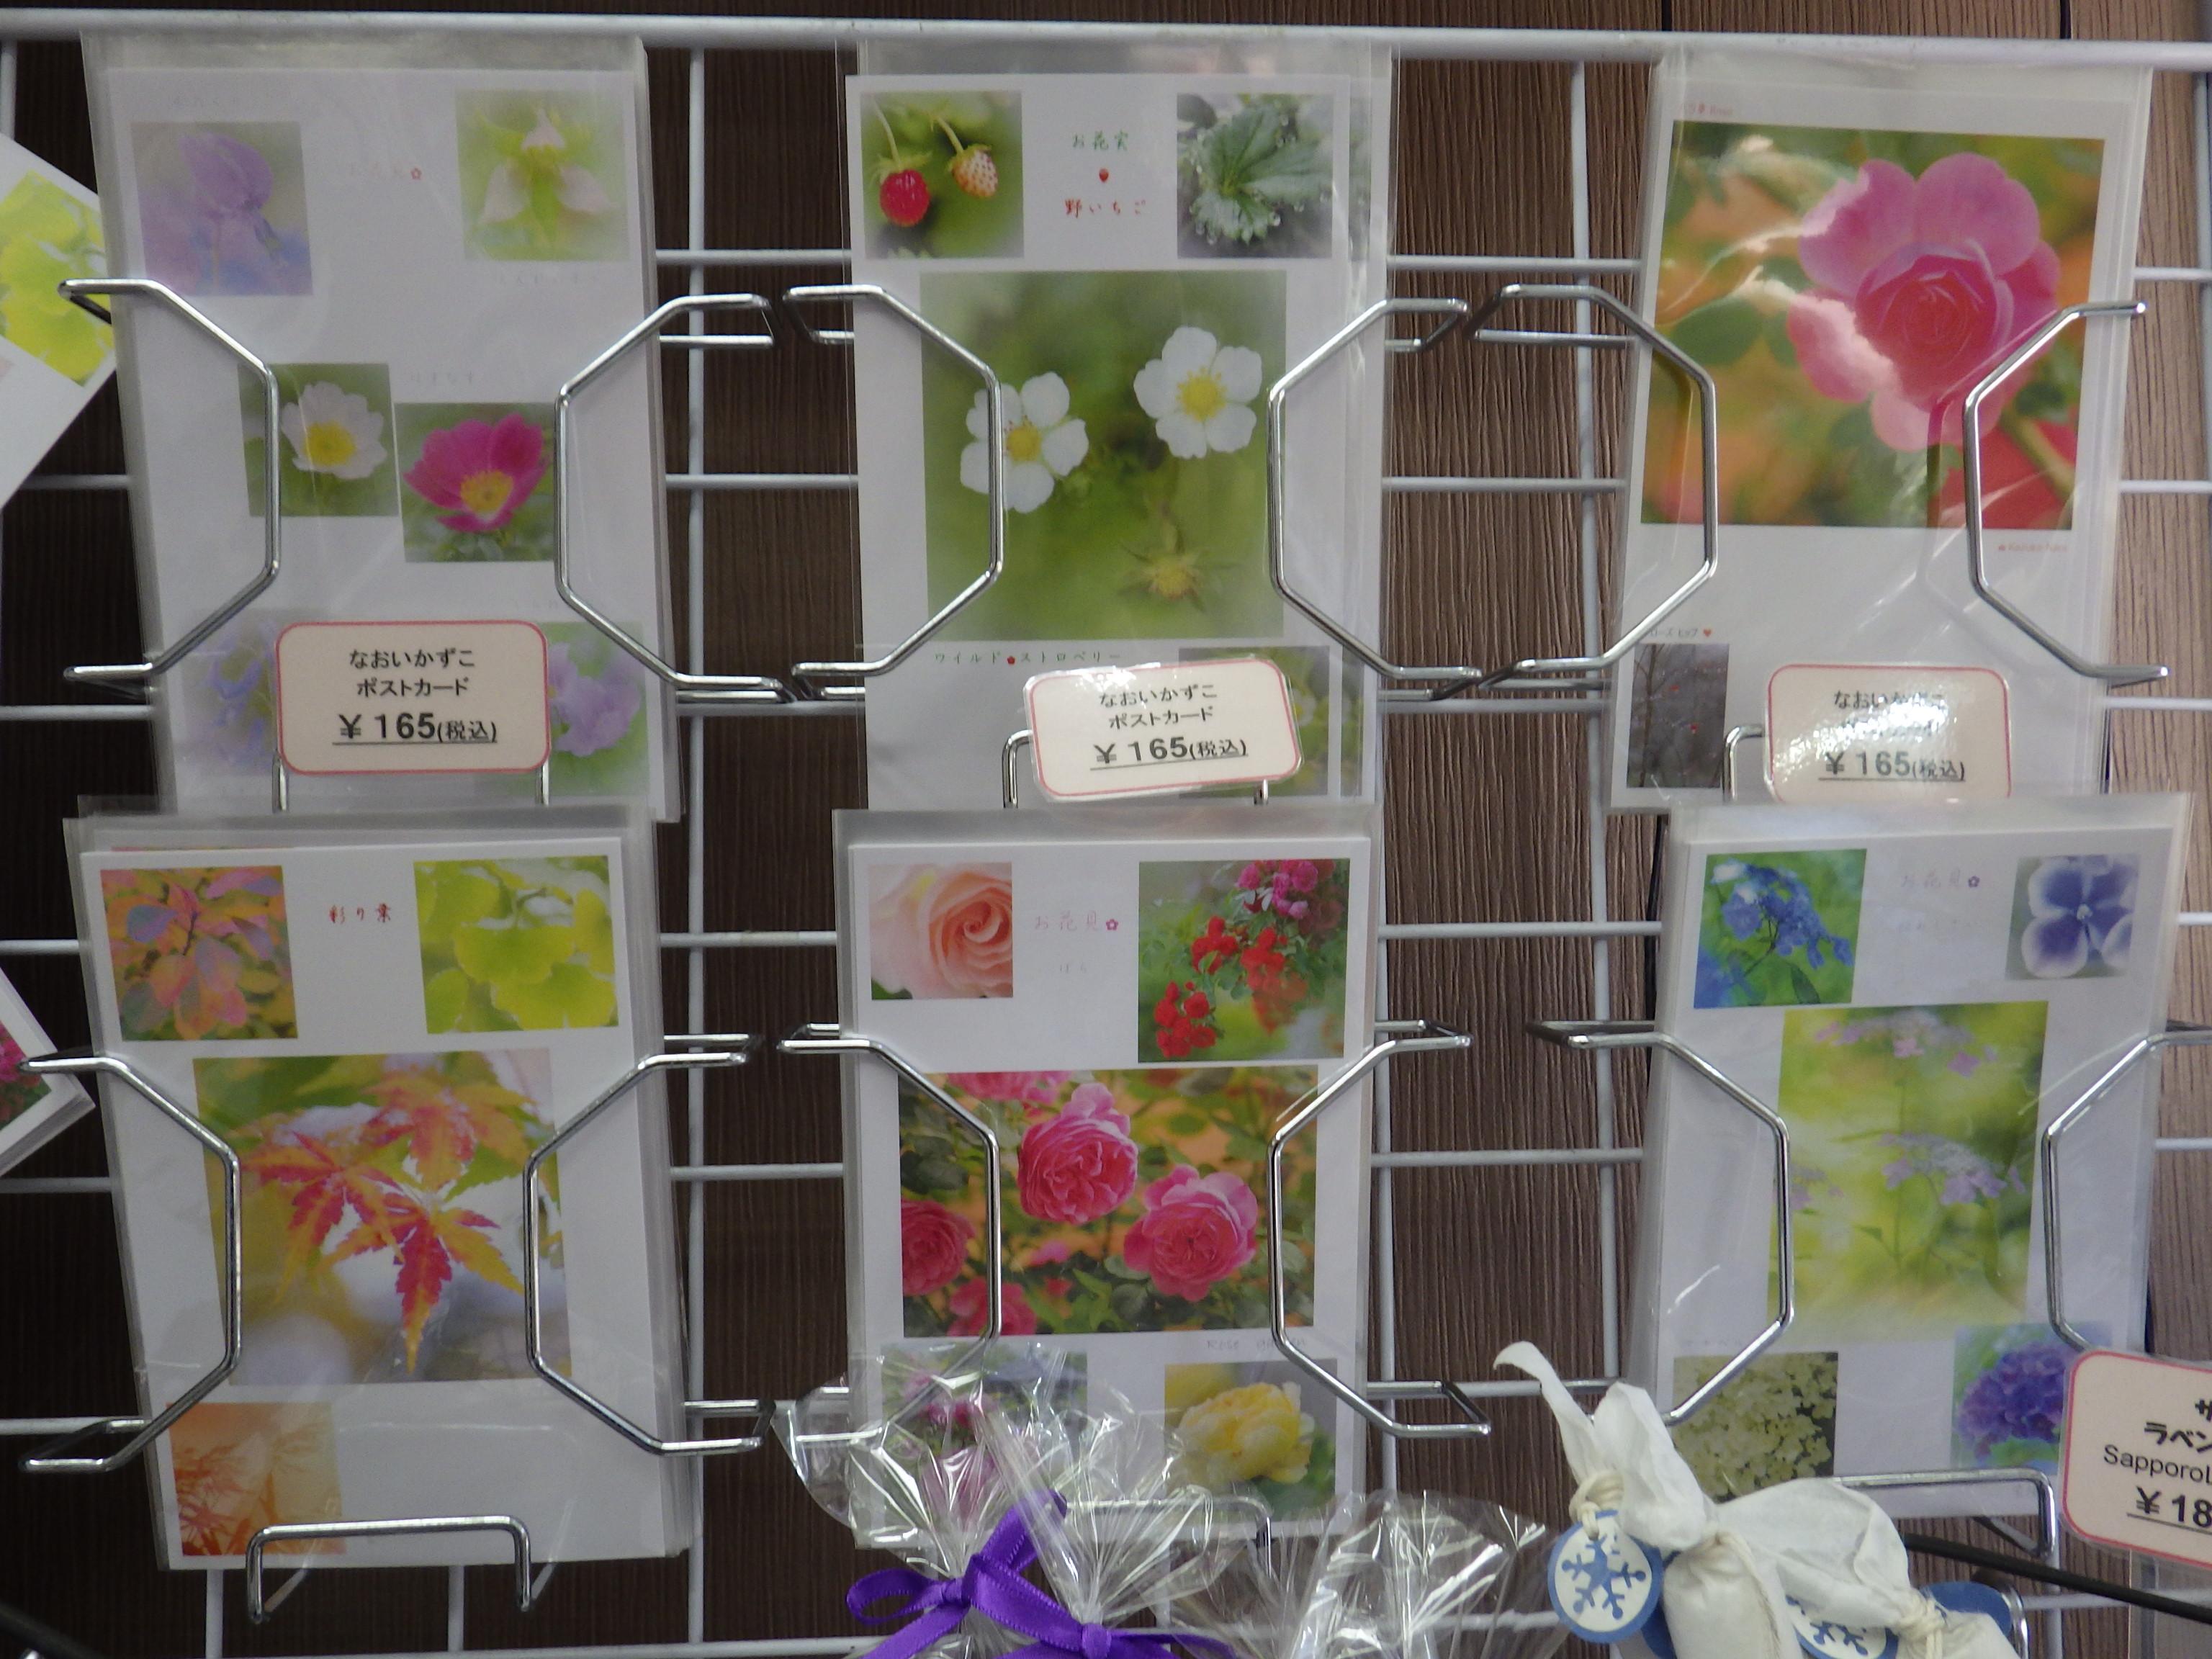 大通公園売店で販売している春のポストカード